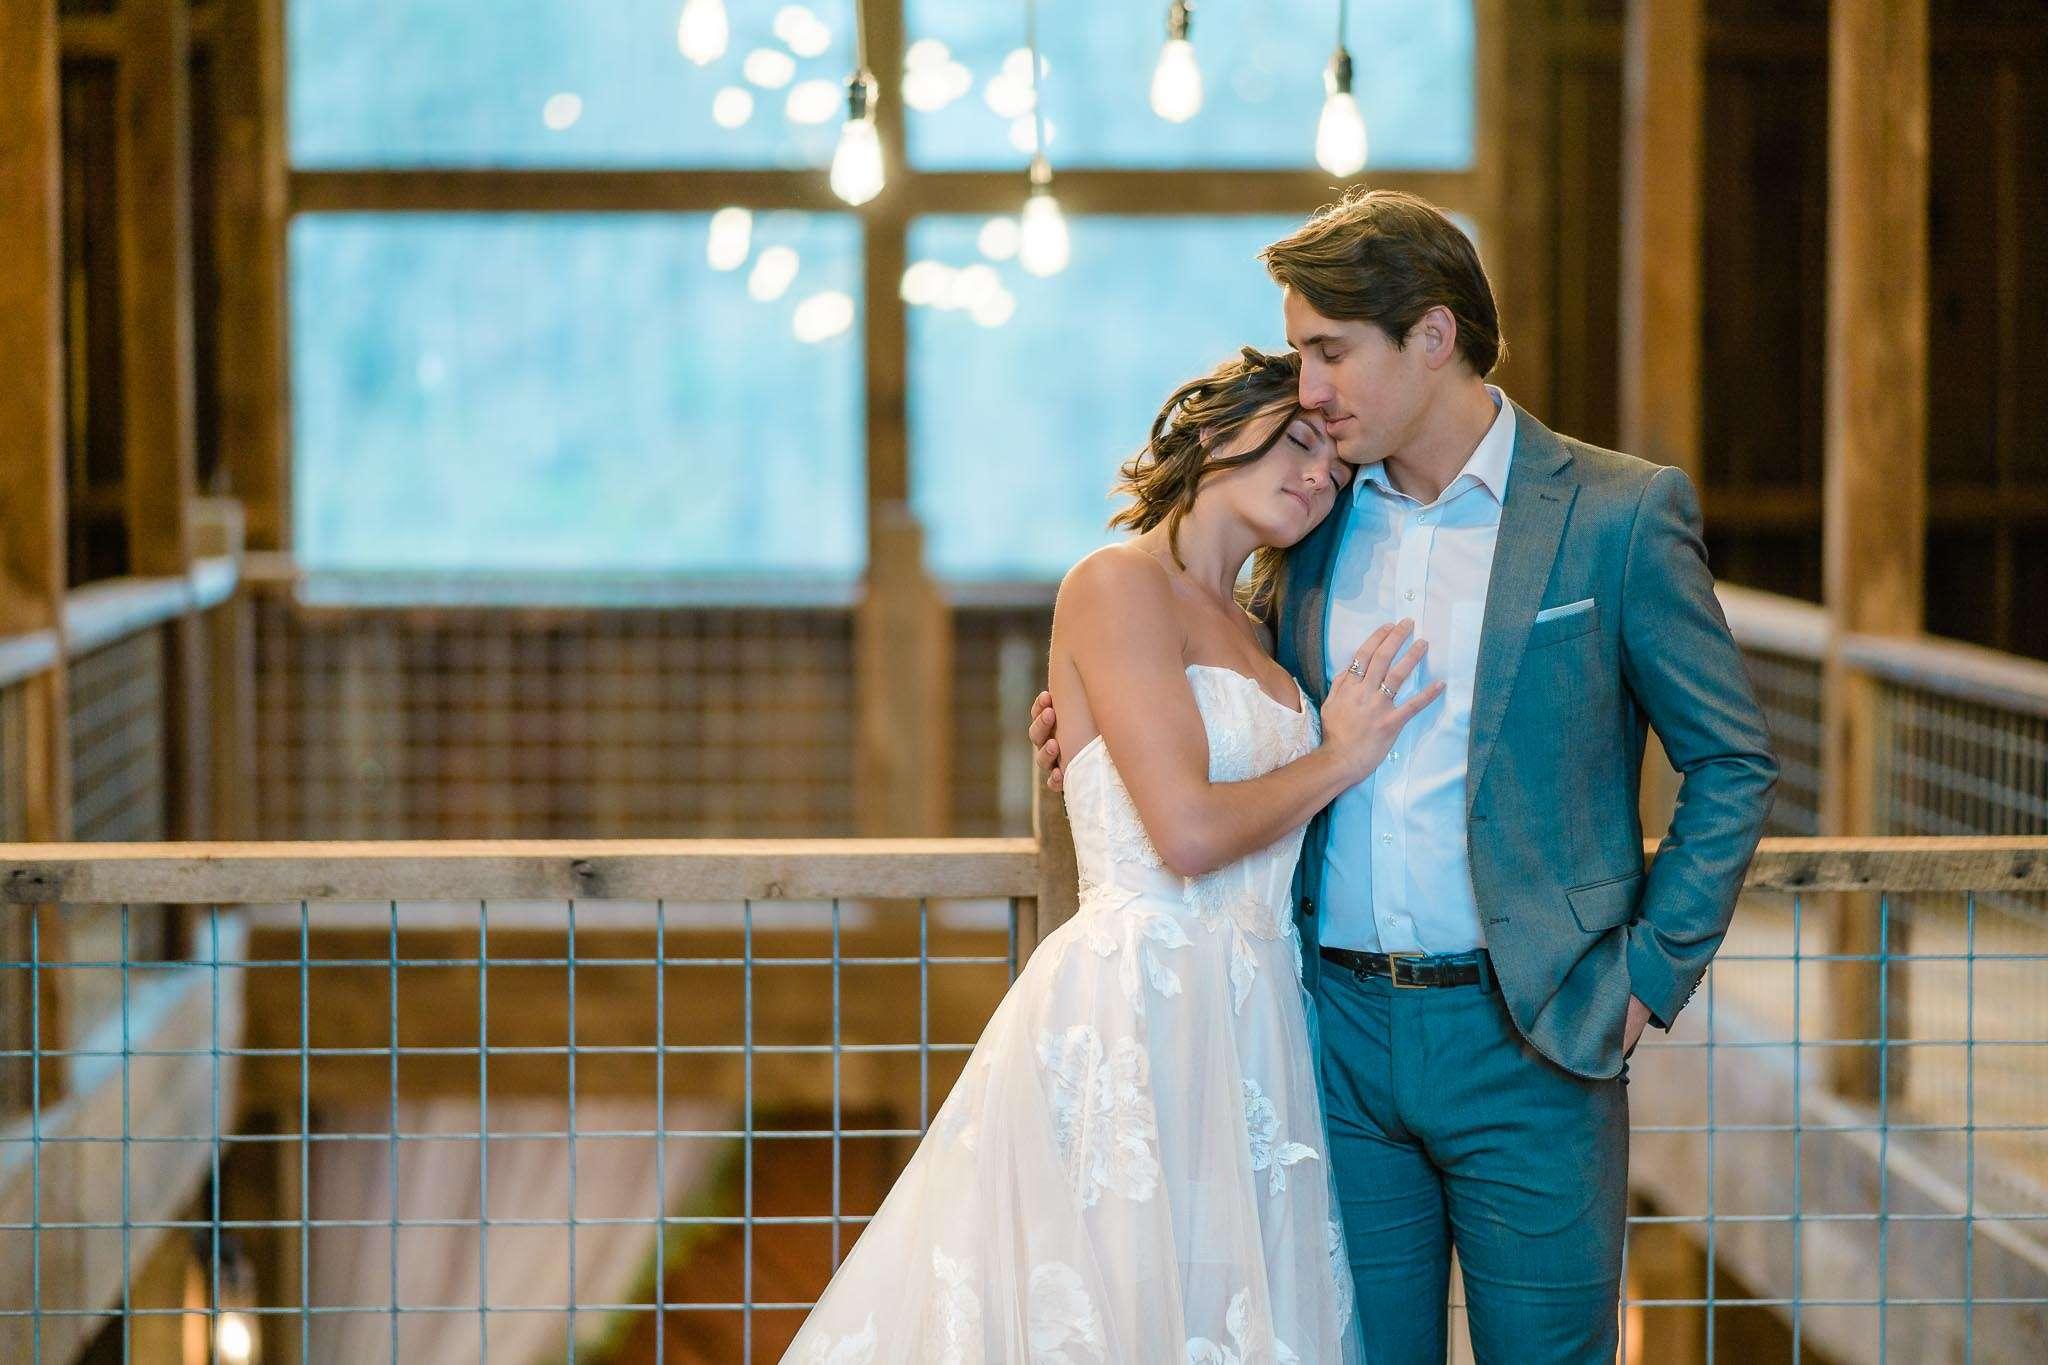 Kentucky Wedding Photographer - Keepsake Wedding Photography